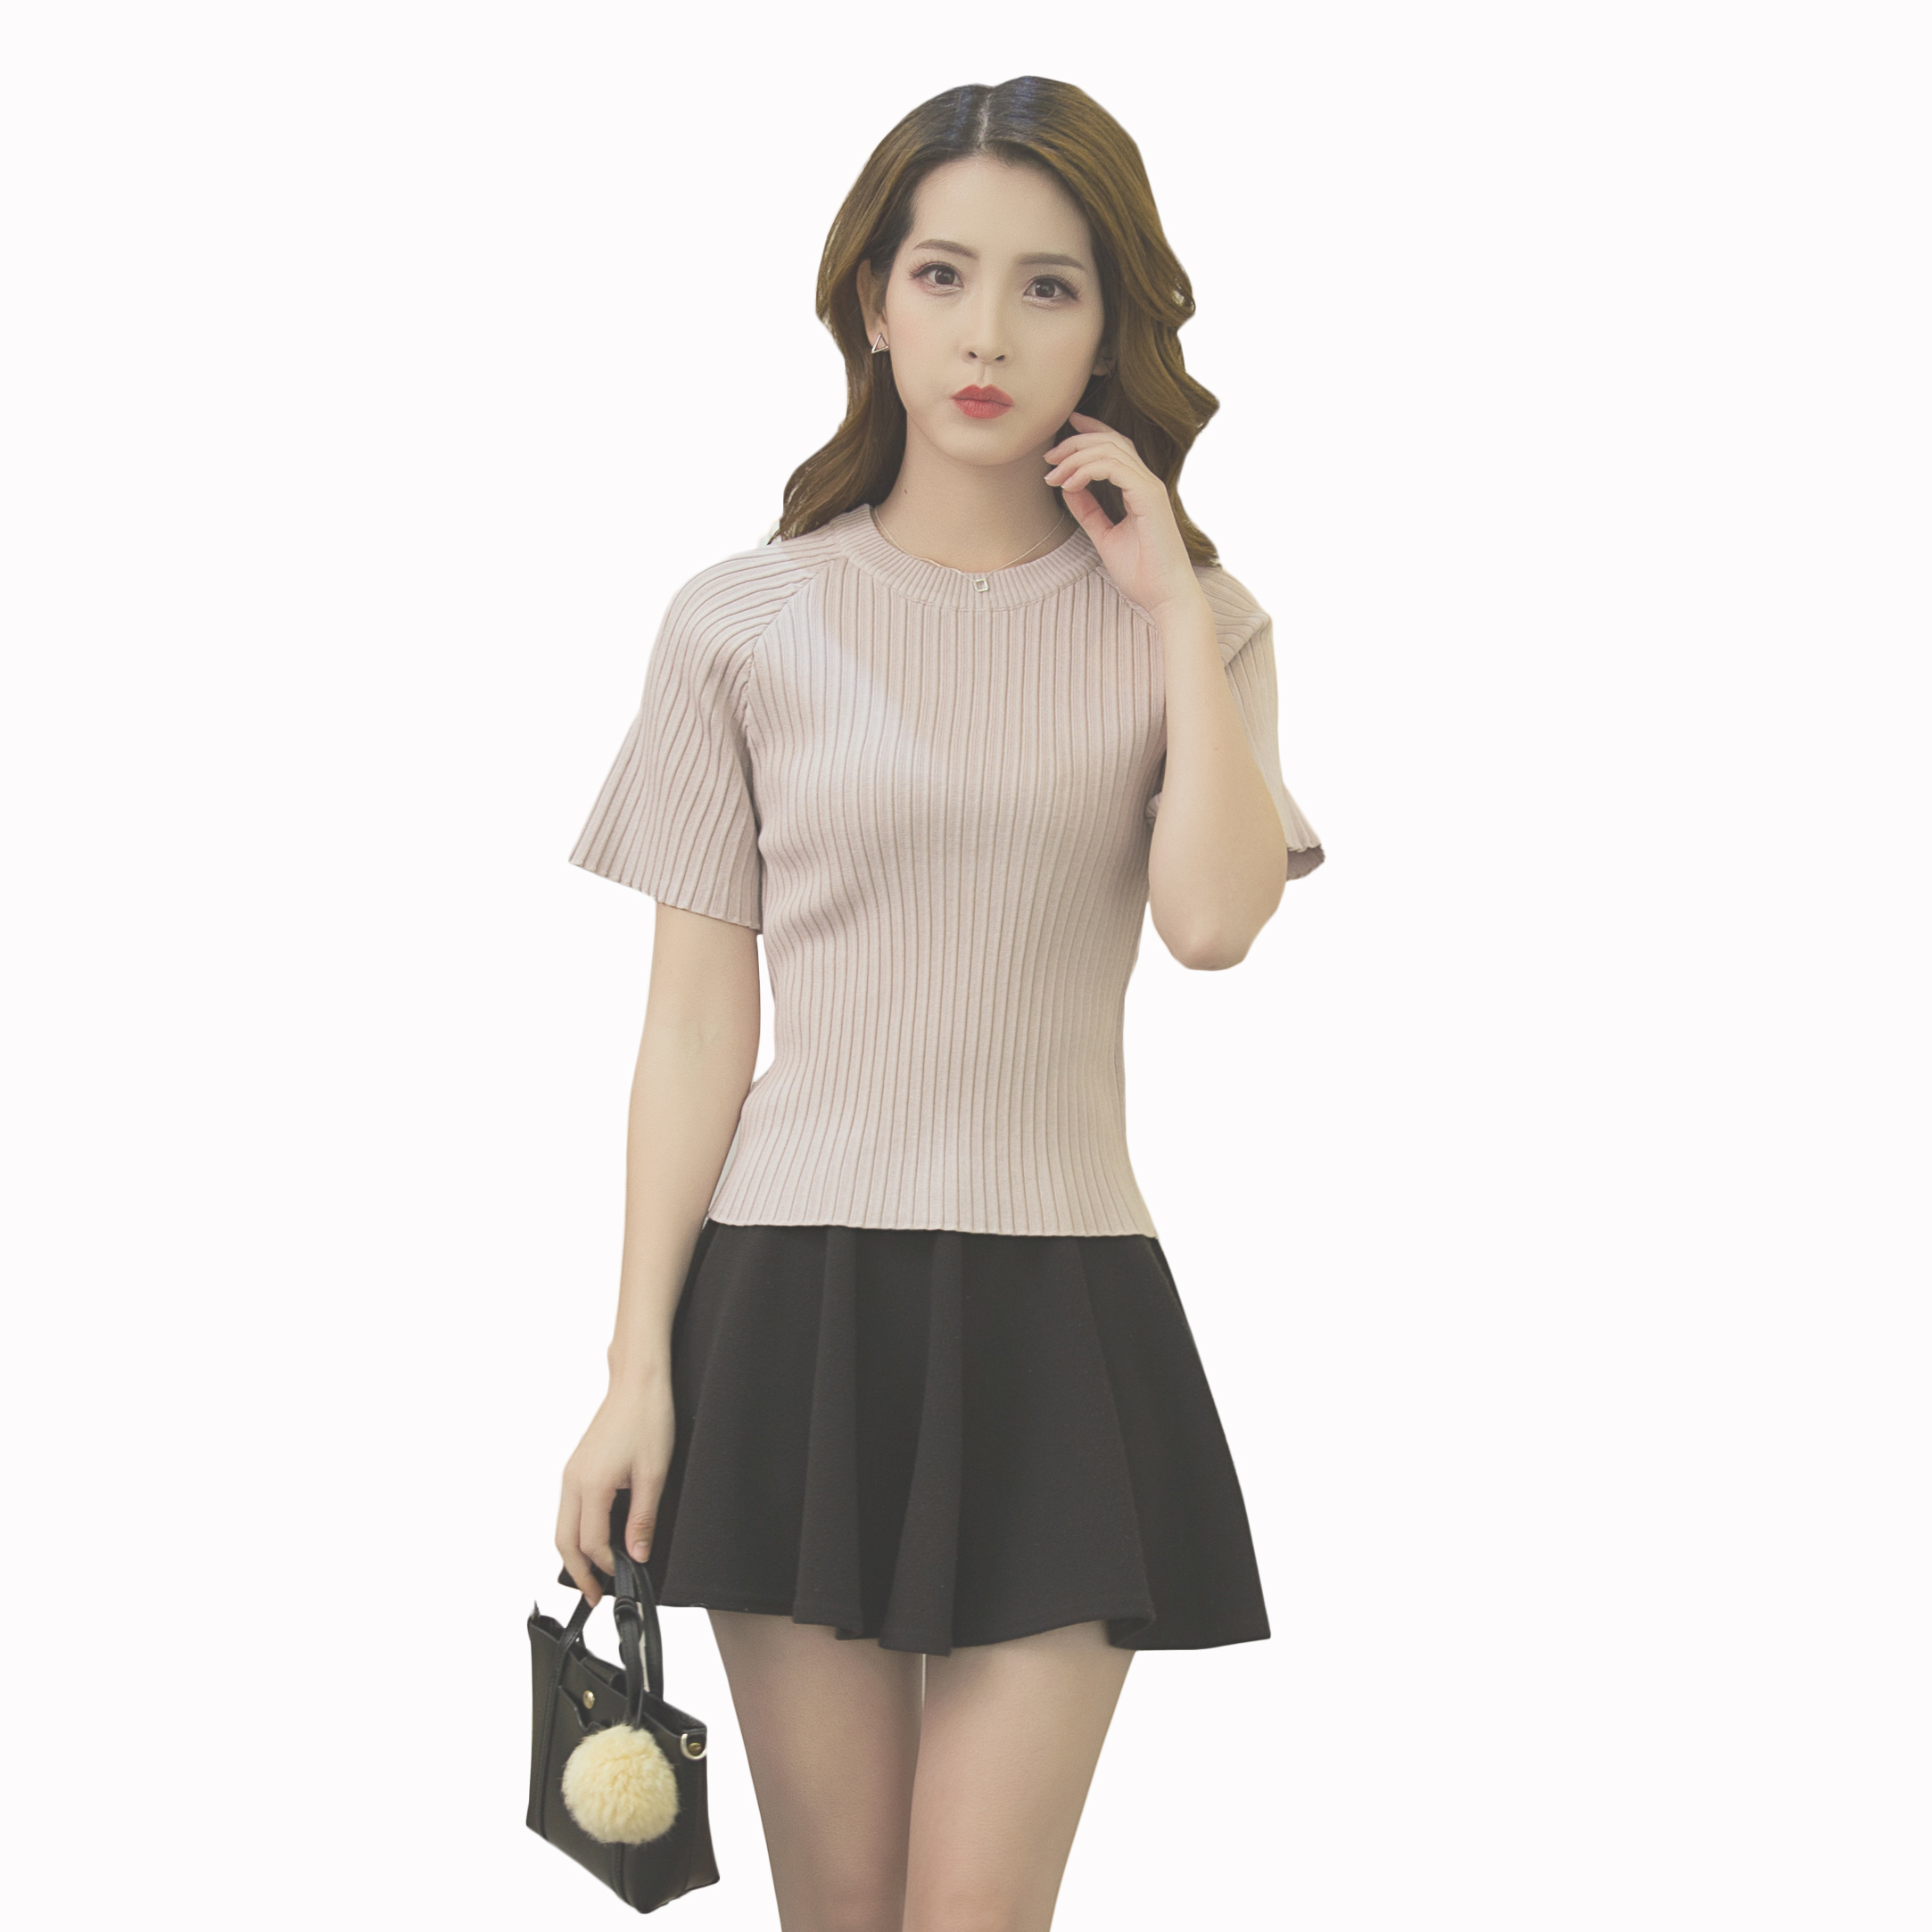 2017新款韩版短袖冰丝针织衫女套头短款圆领打底T恤修身上衣夏薄